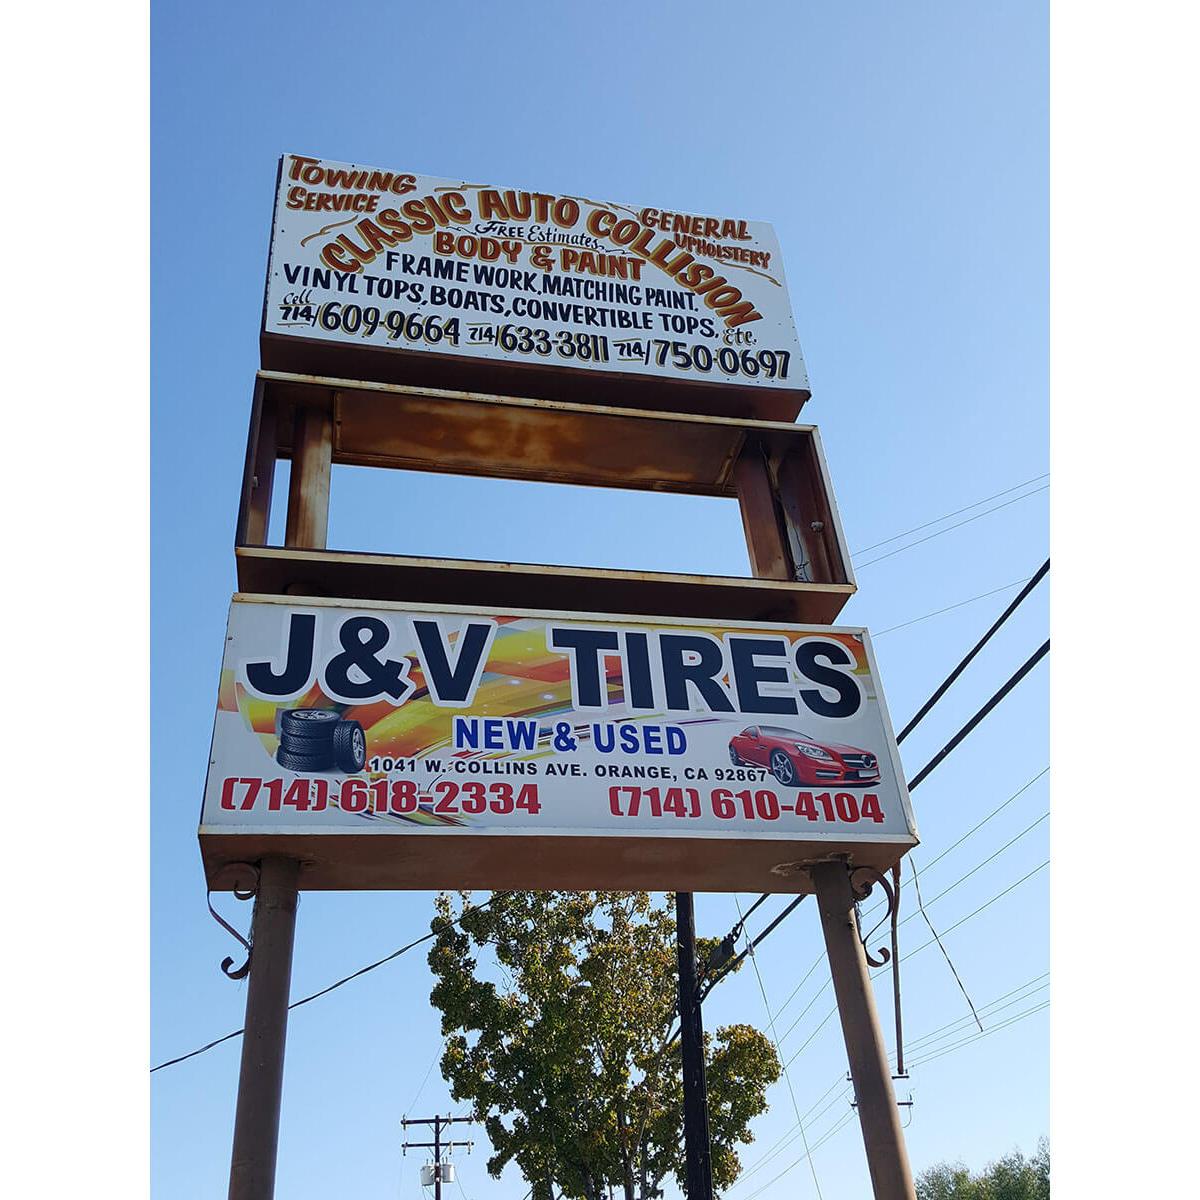 J & V Tires